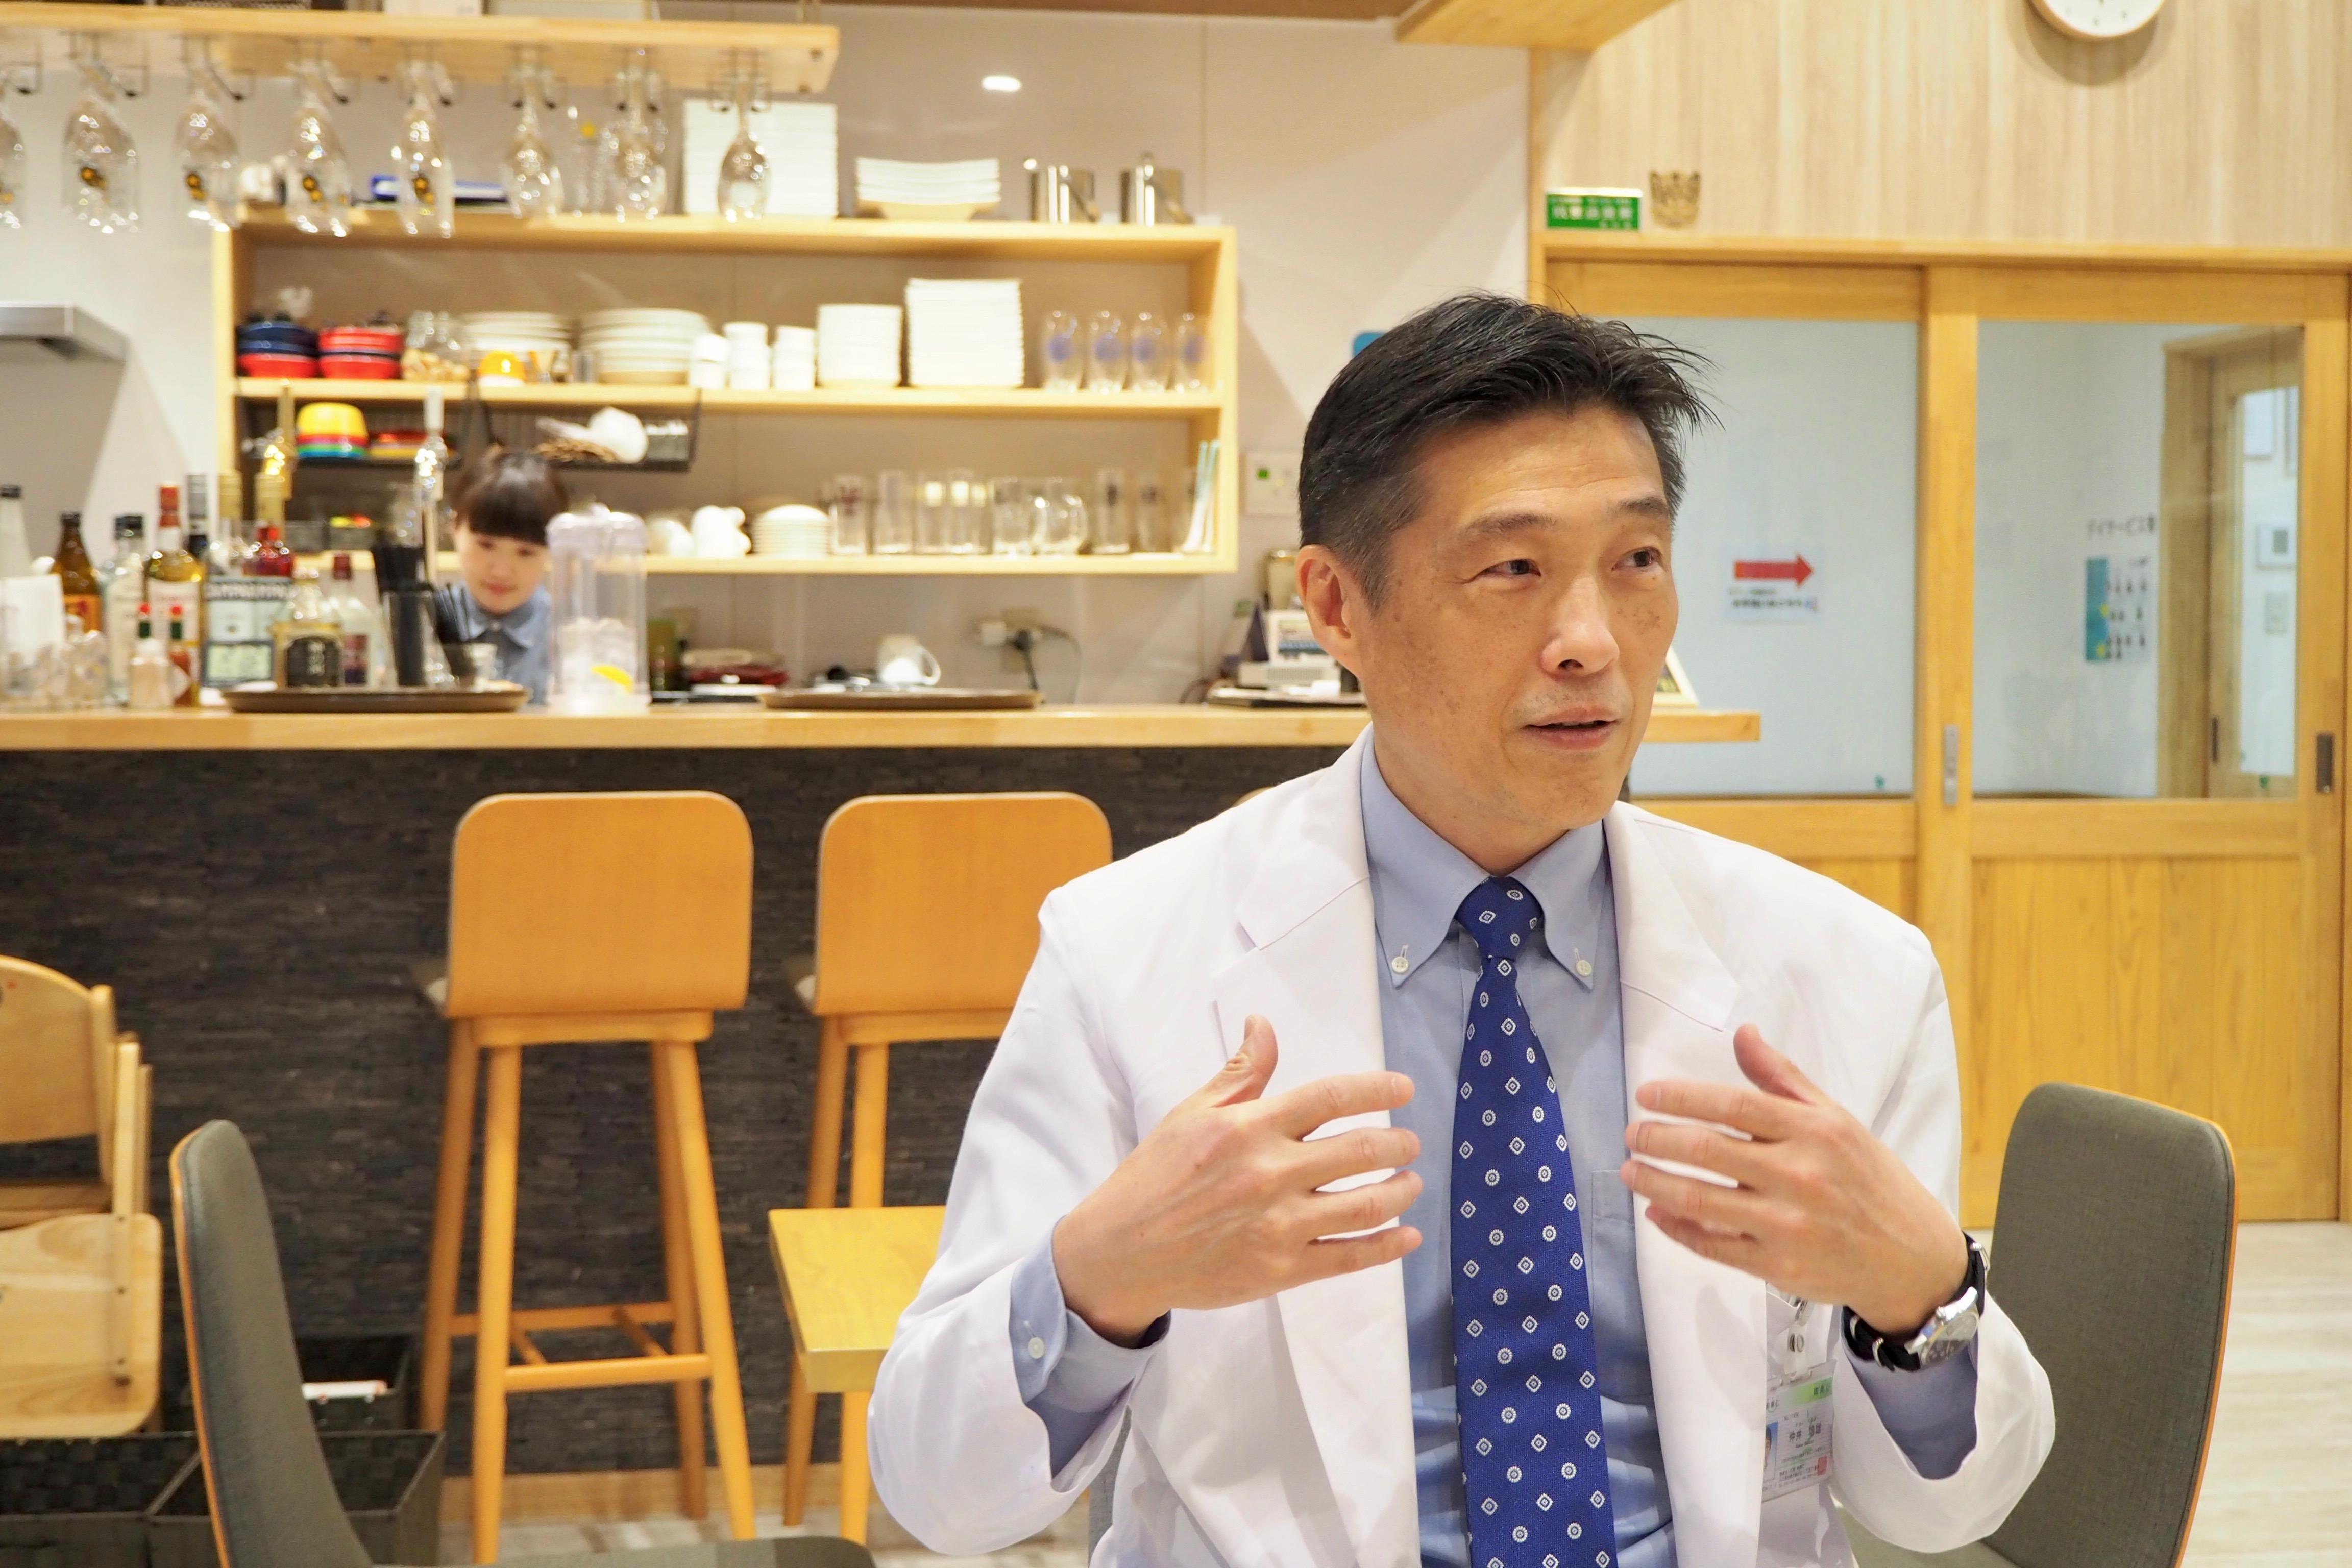 地域に貢献し、「共に生きる社会」を実現したい−仲井培雄先生の思い